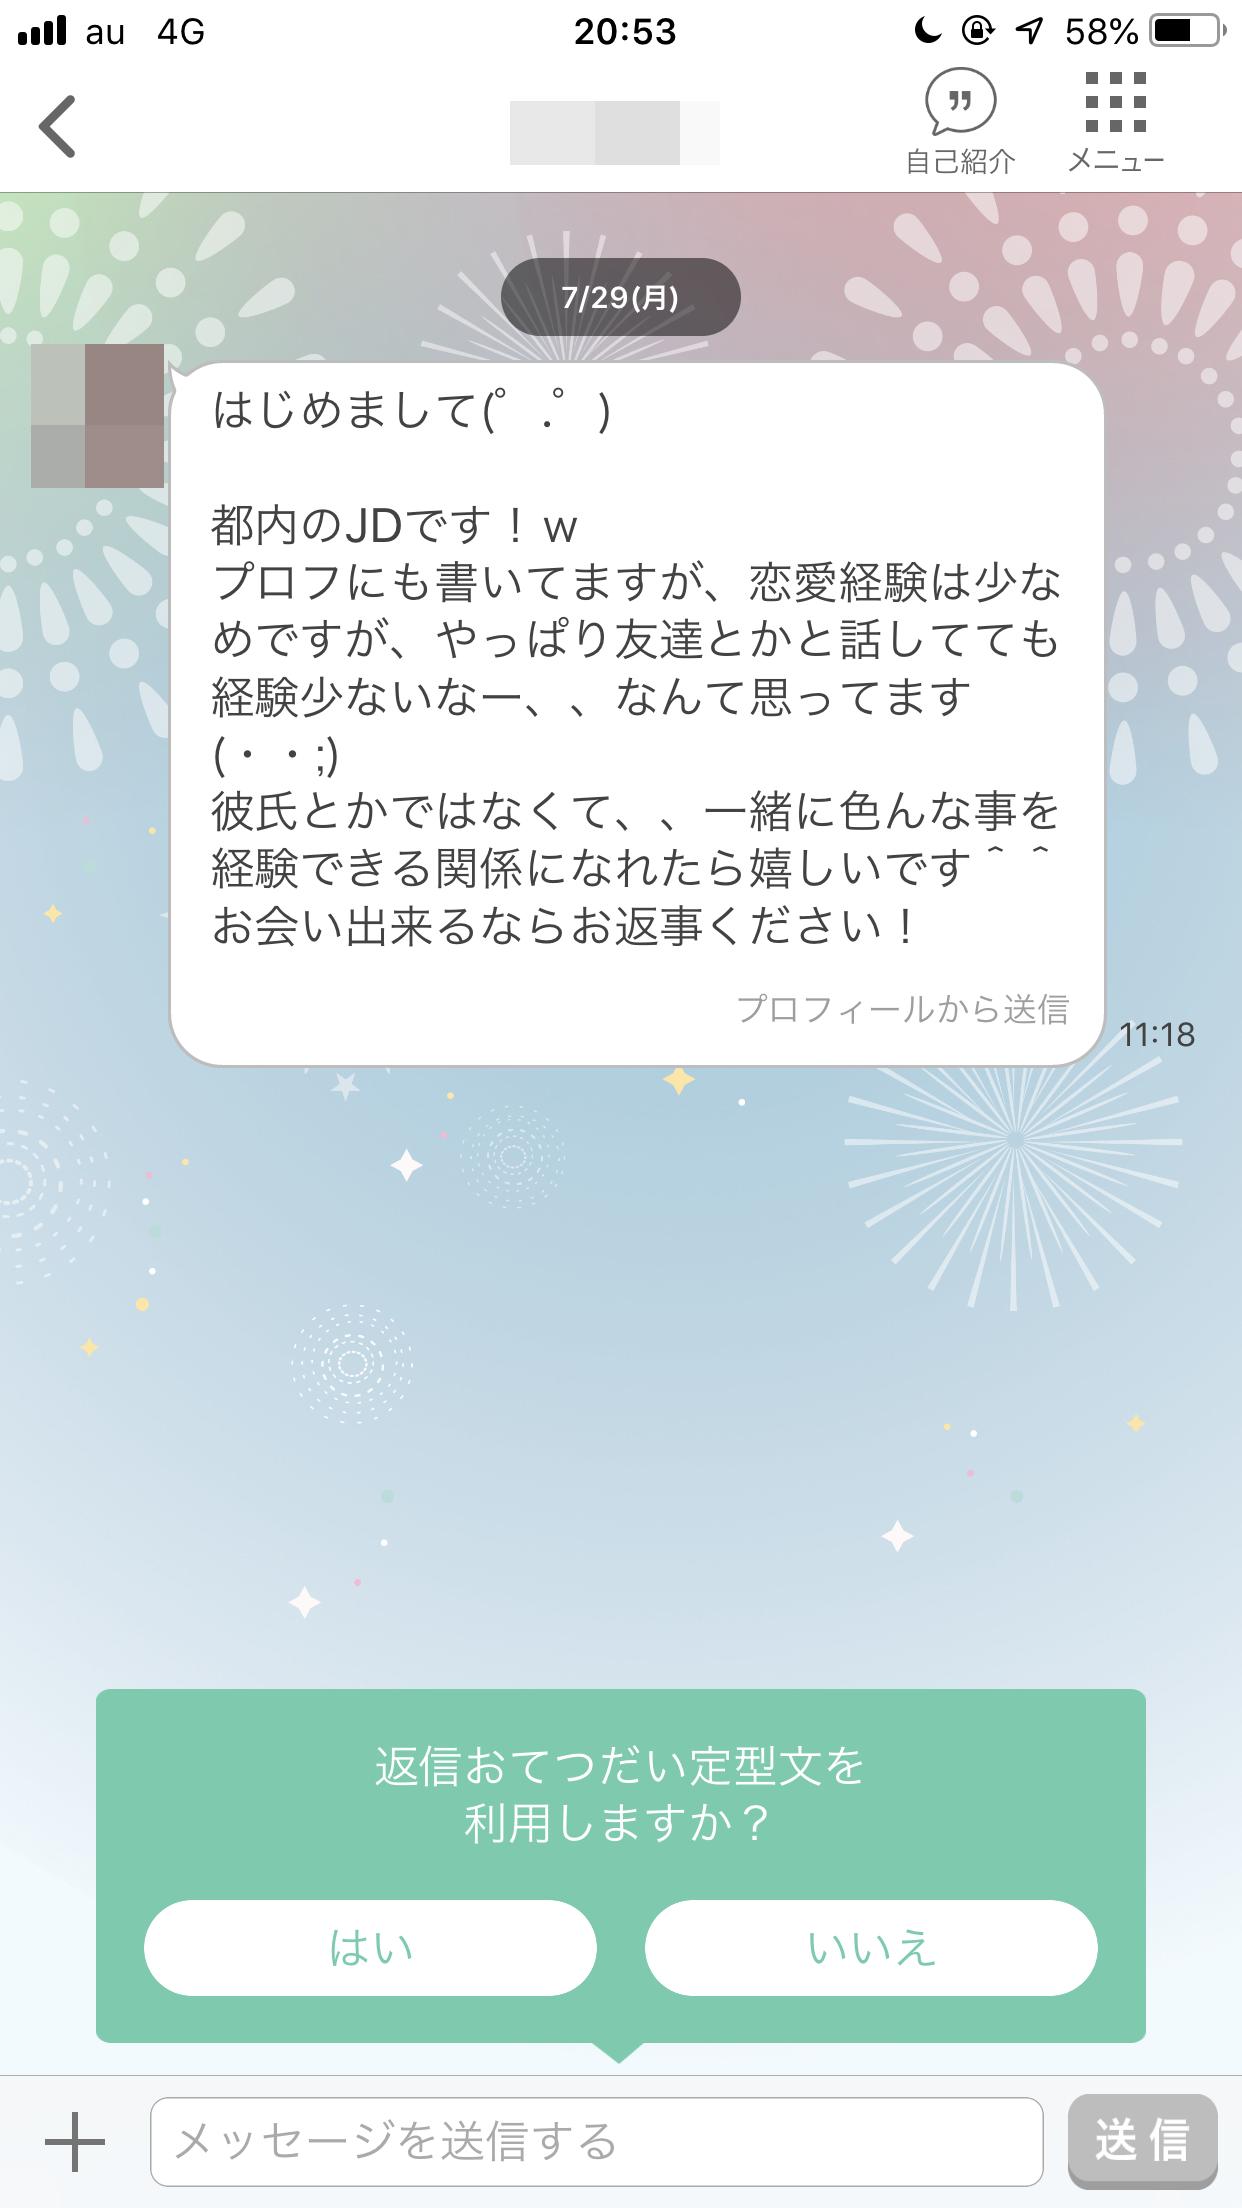 ワクワクメール 登録直後にメッセージが送られてきた